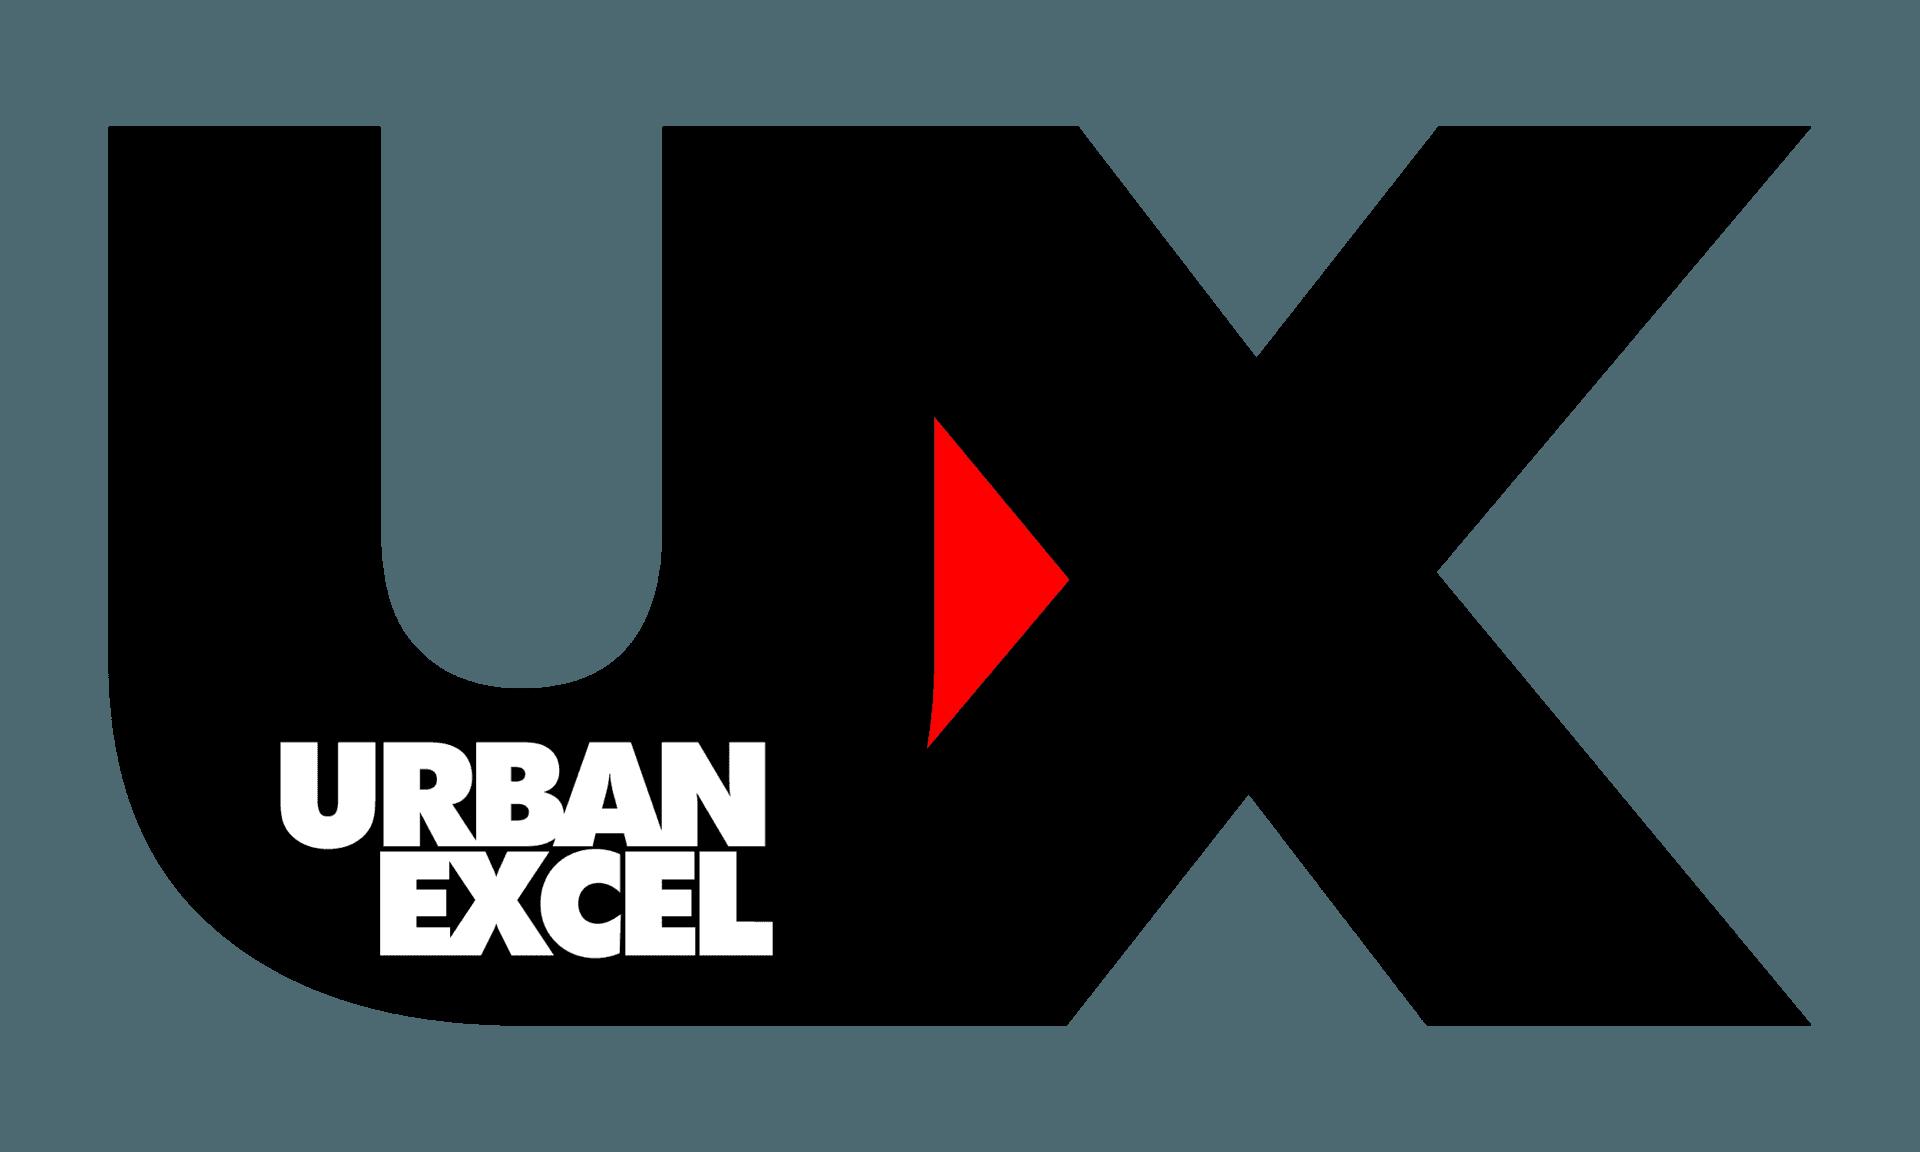 Urbam Excel logo